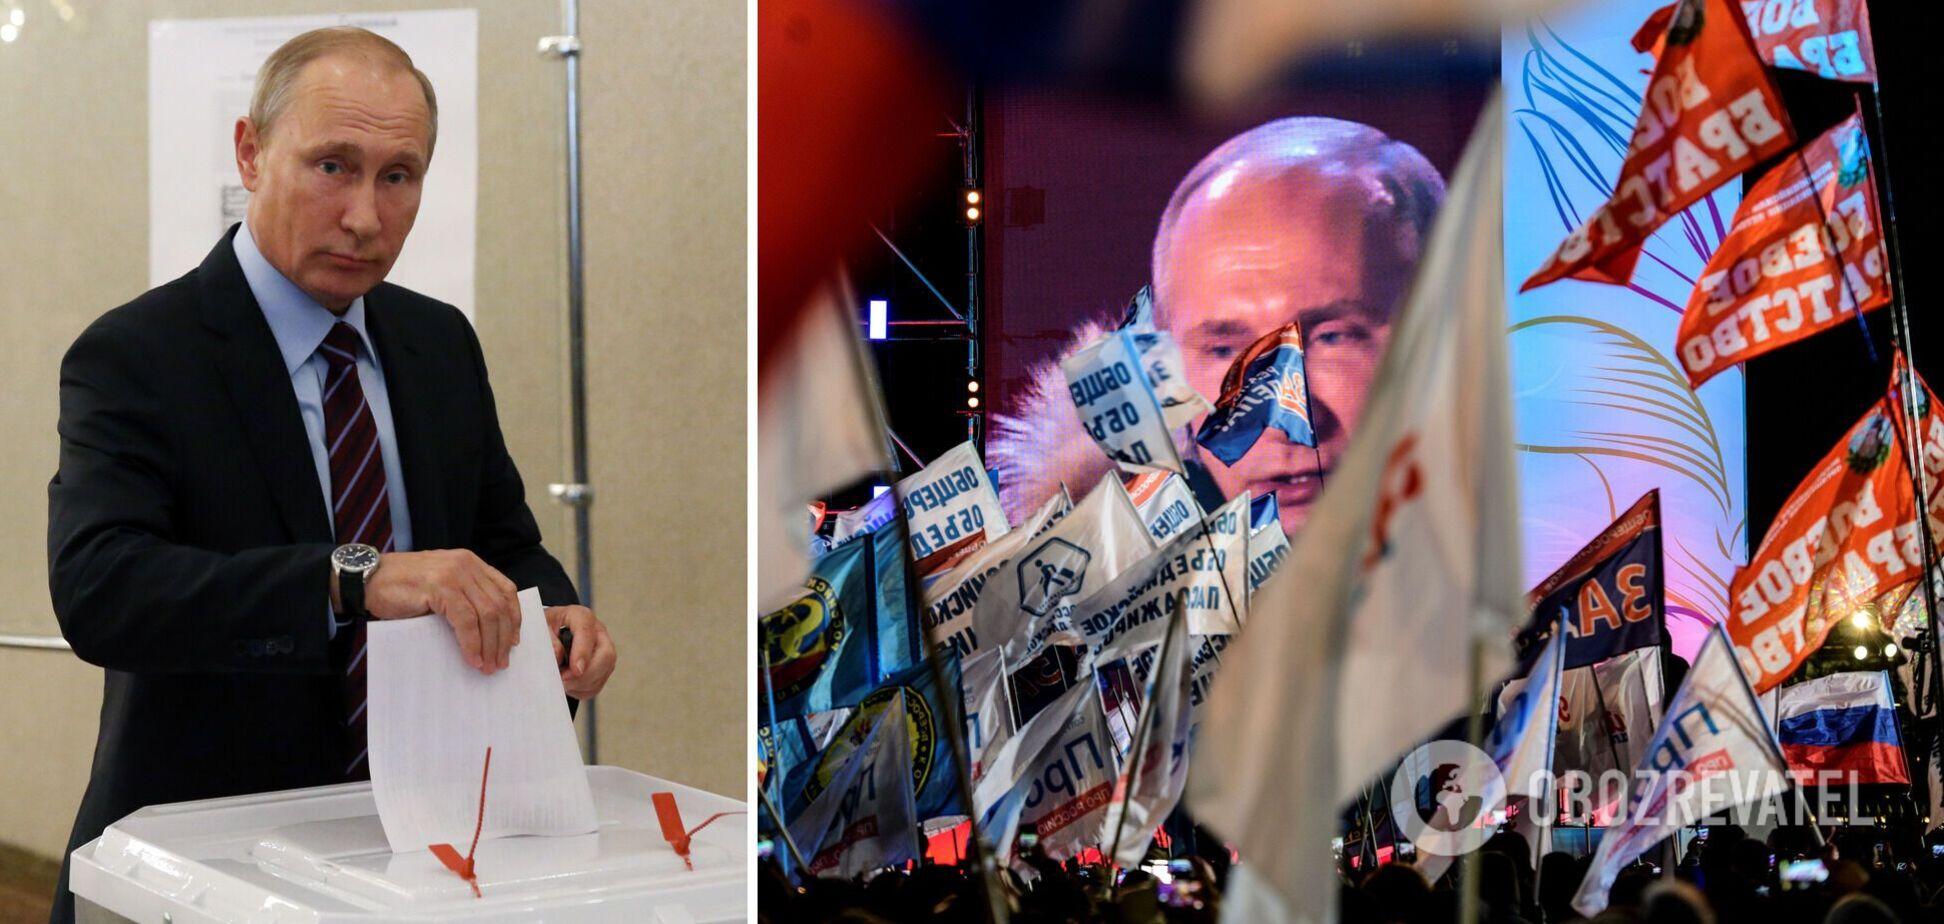 Путин может использовать жителей Донбасса на выборах в России, предупредил Жданов